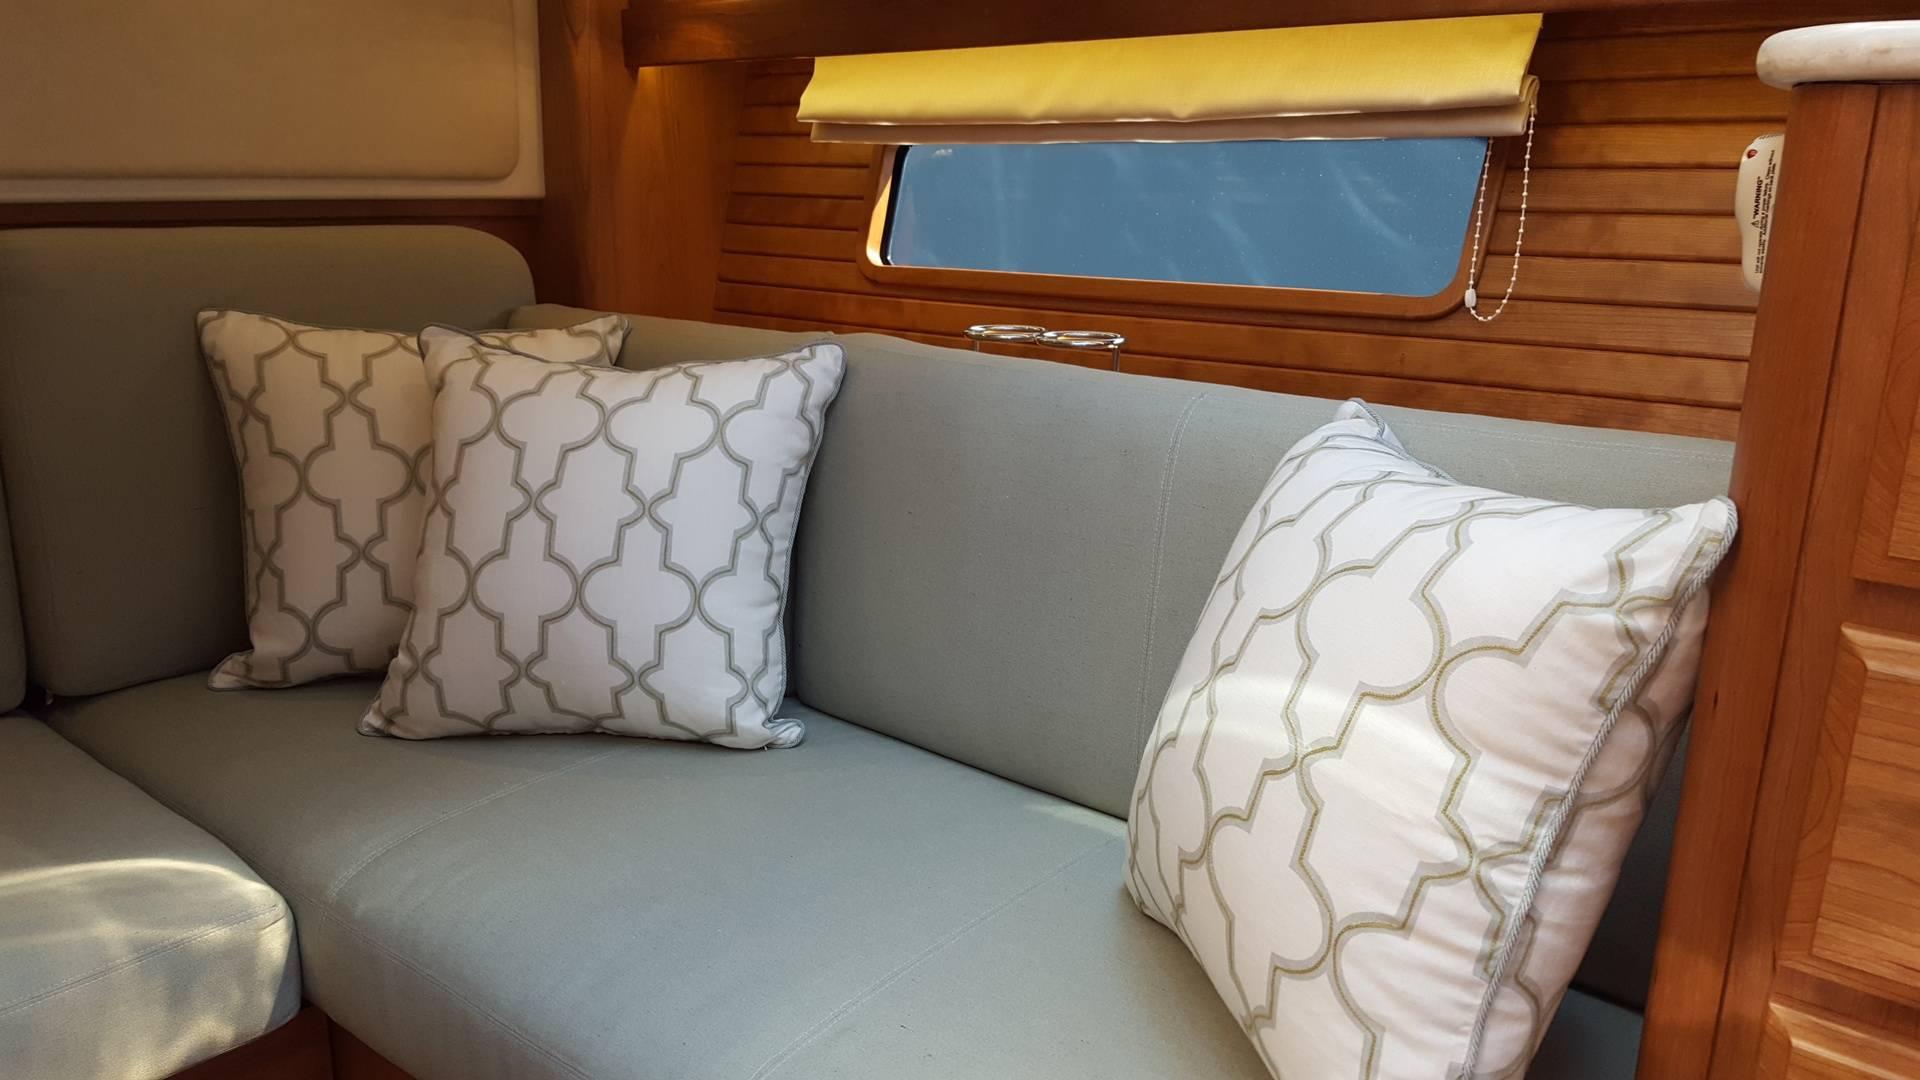 Lower settee pillows